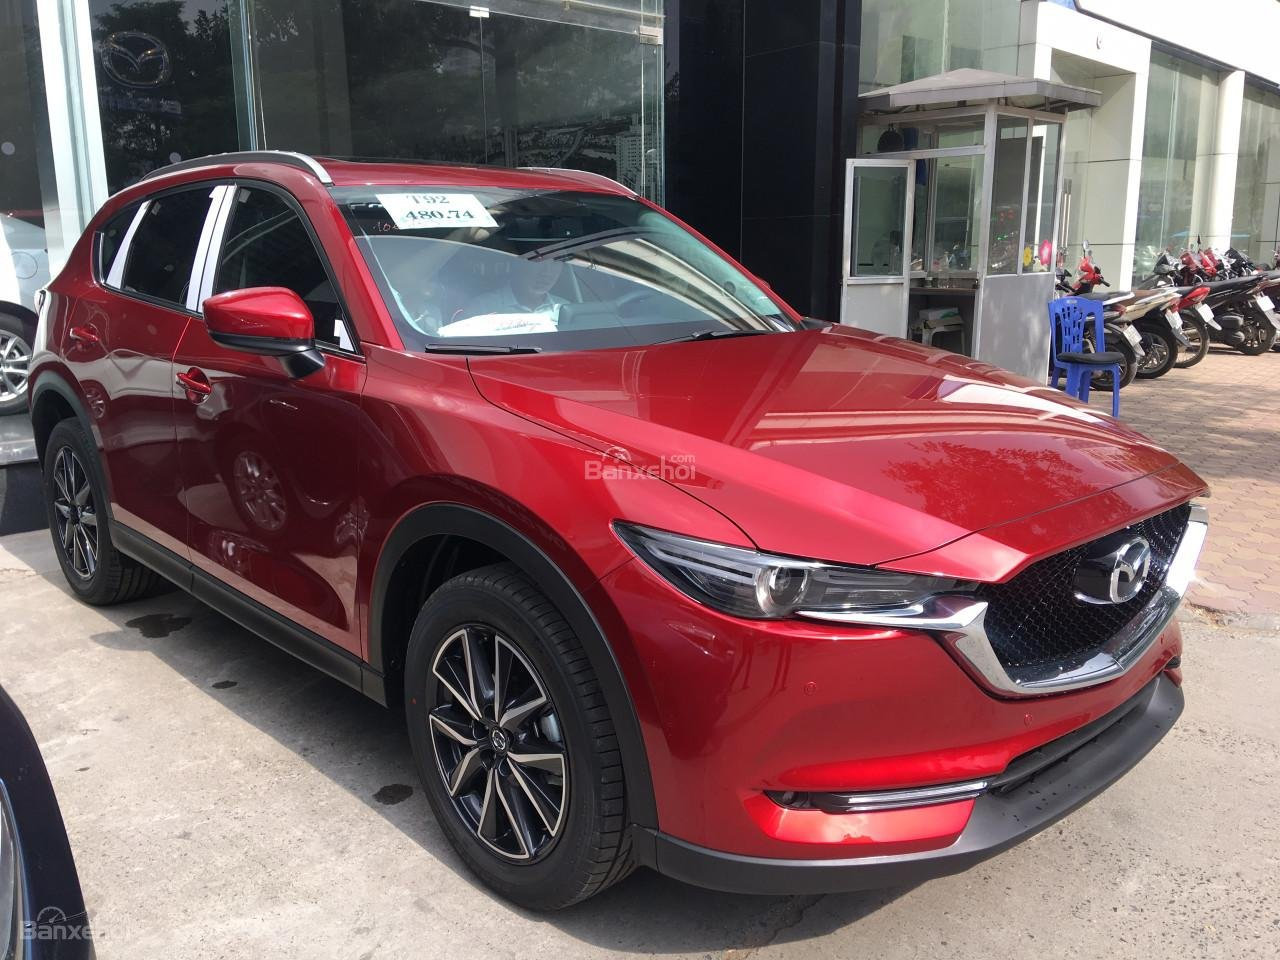 Bán Mazda CX5 giảm giá khủng đến 30tr + tặng nhiều phụ kiện có giá trị, hỗ trợ trả góp, lh 0948.12.02.88-4